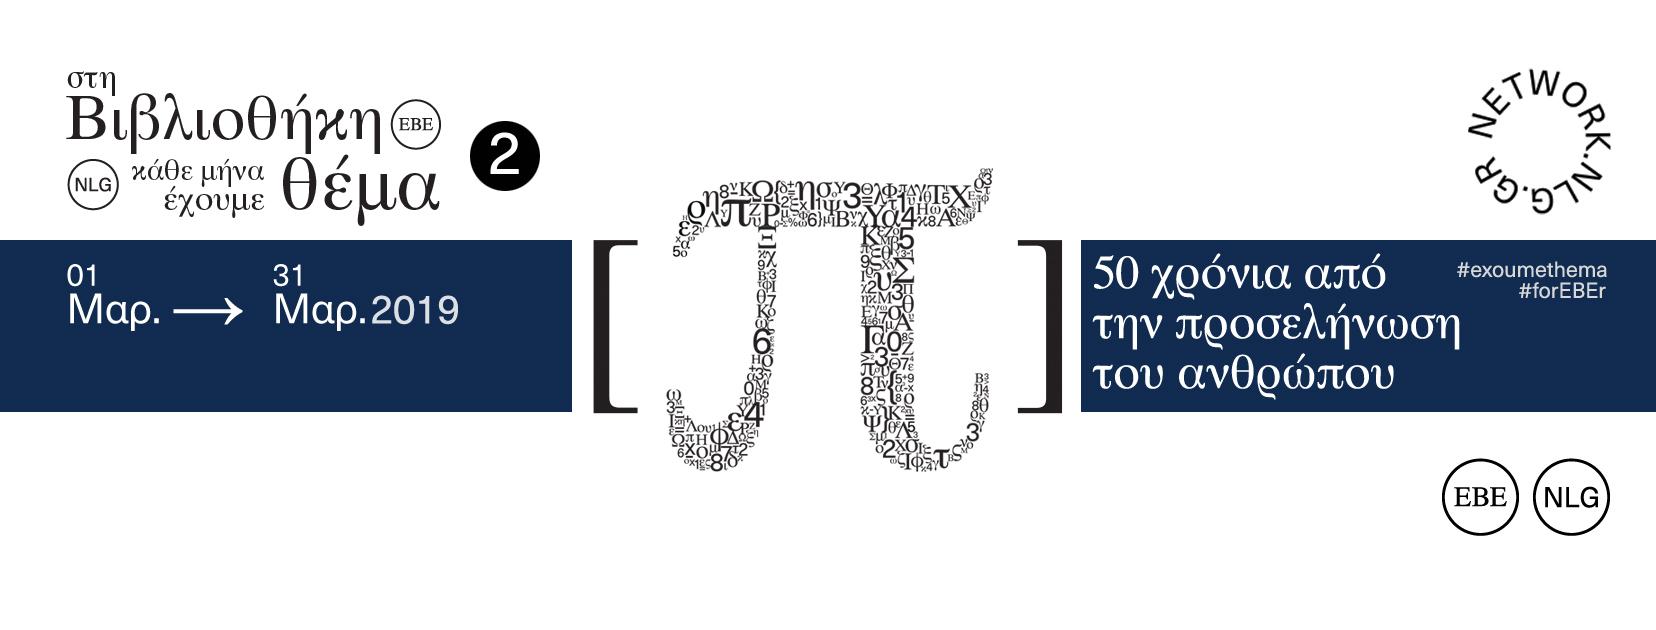 Έχουμε θέμα Μάρτιος: 50 χρόνια από την προσελήνωση του ανθρώπου